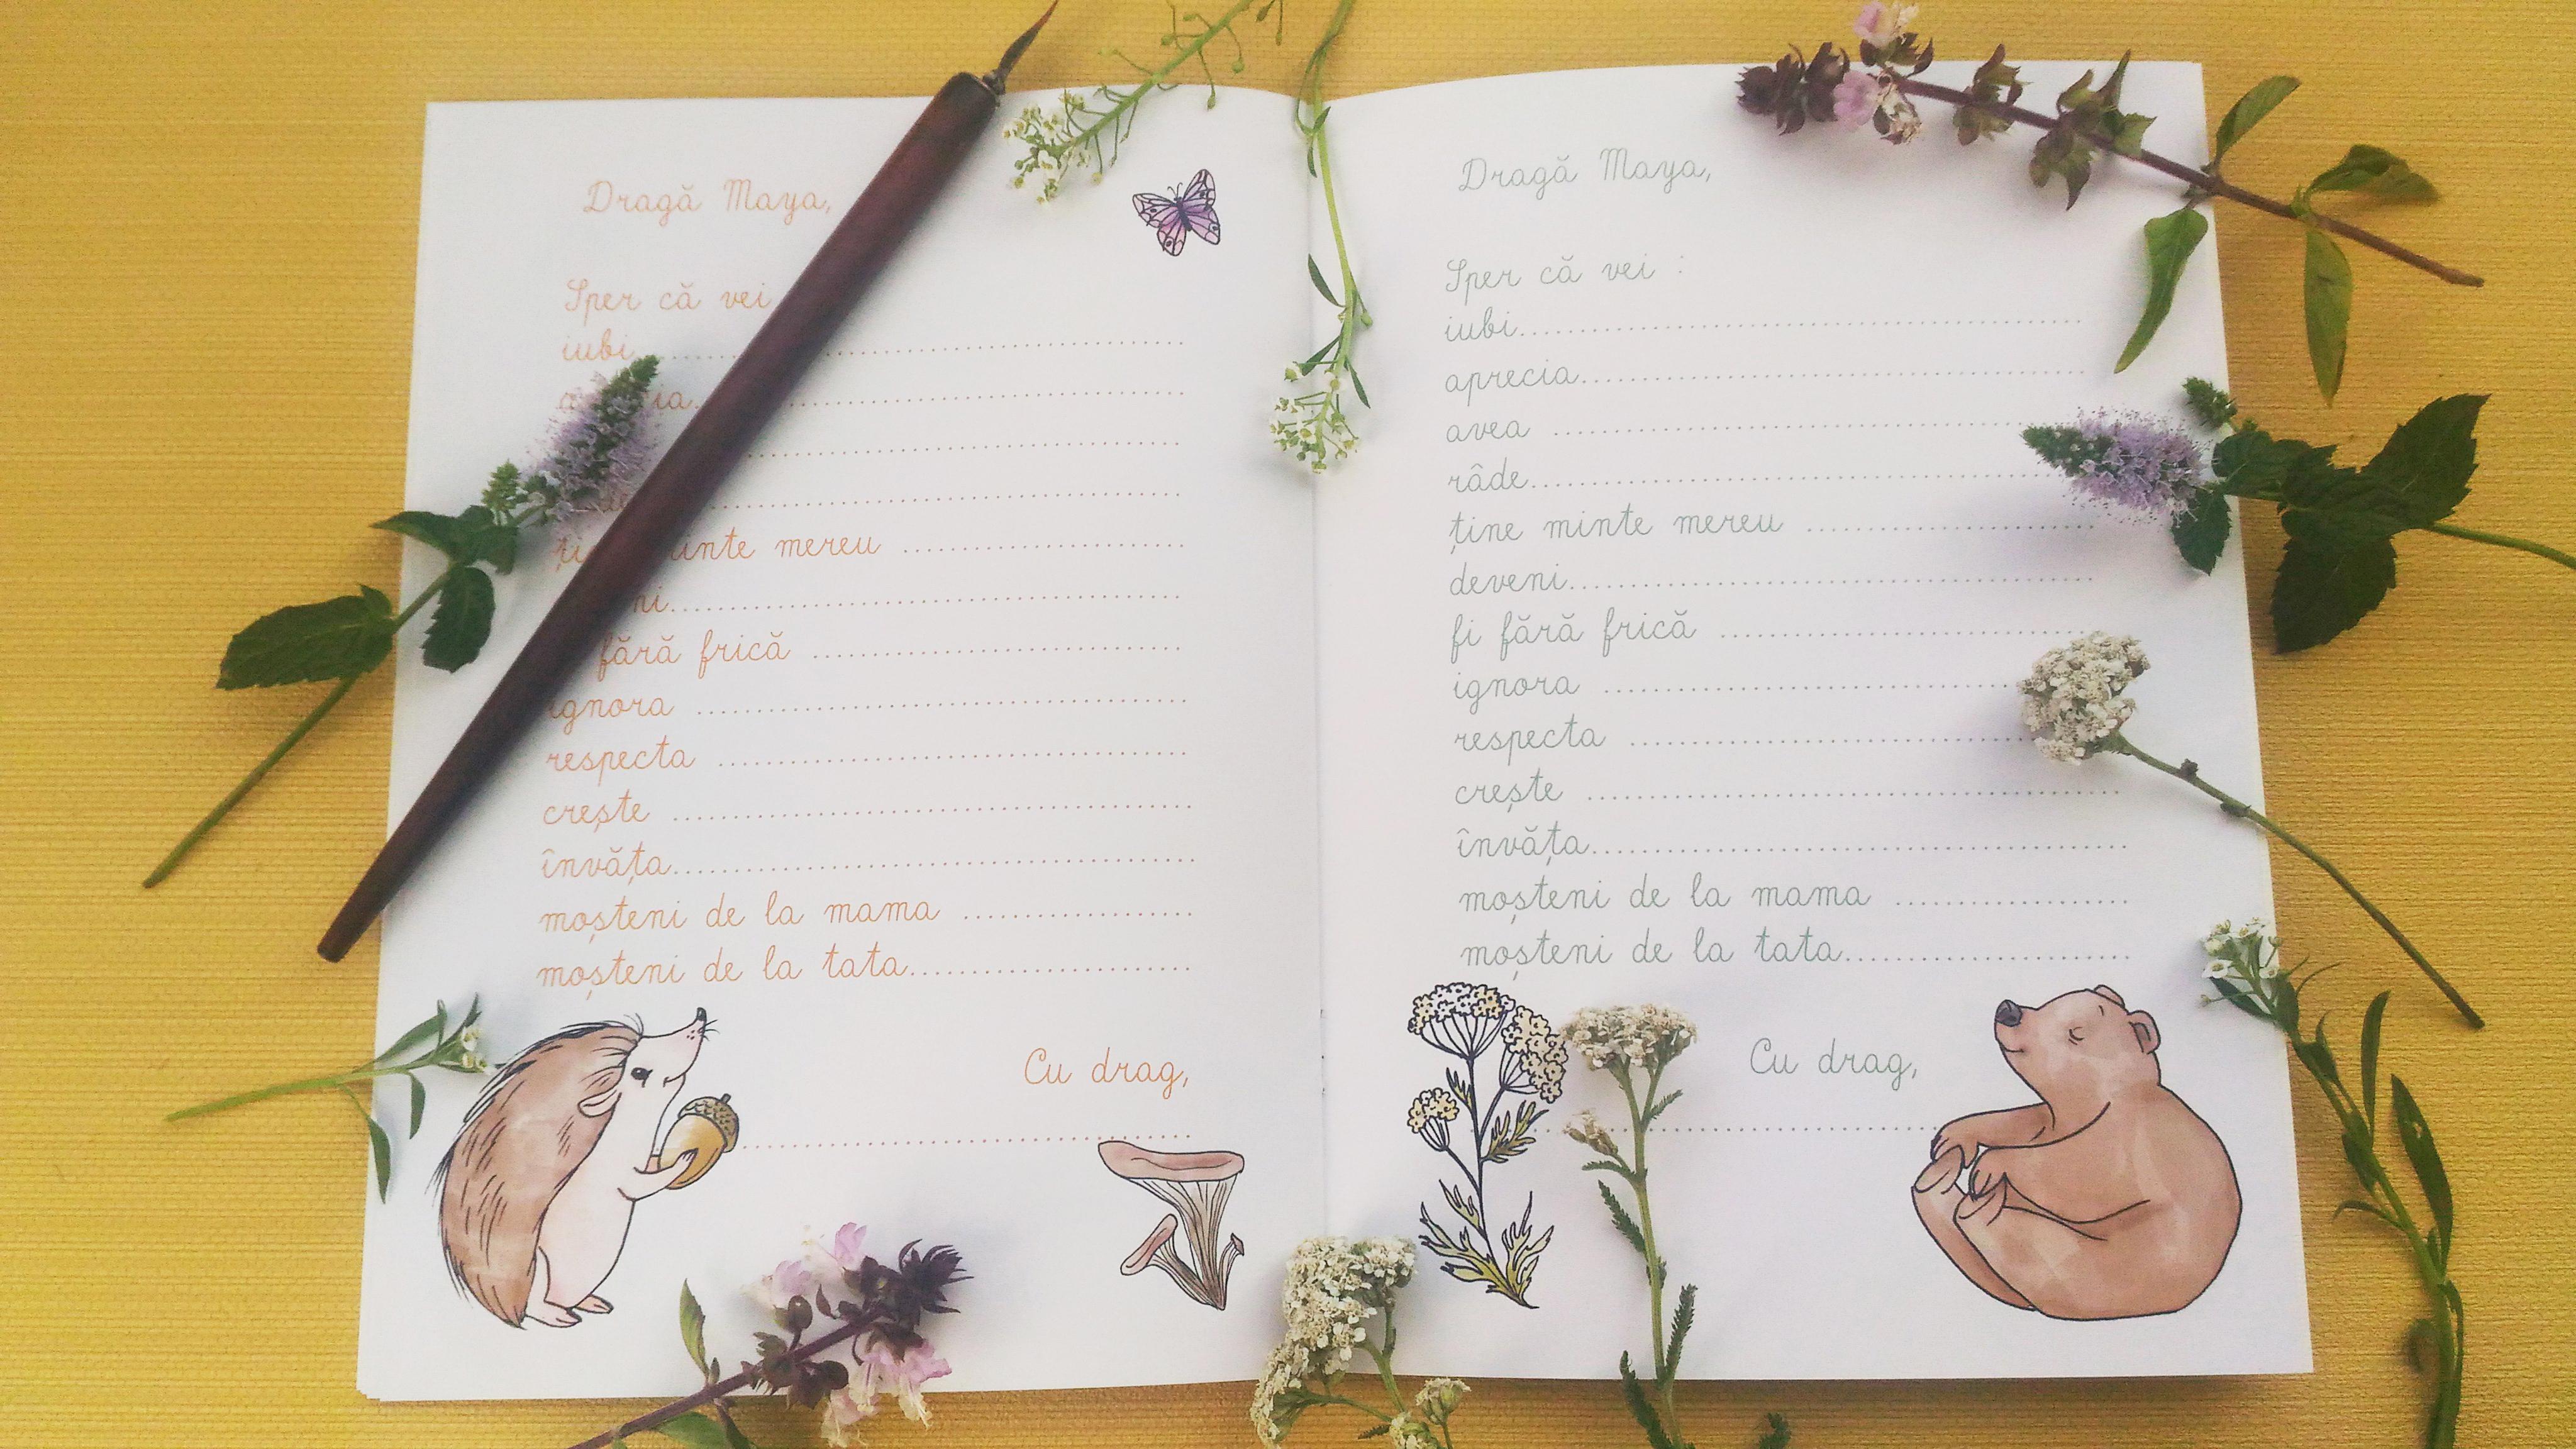 Album de Amintiri - interior5